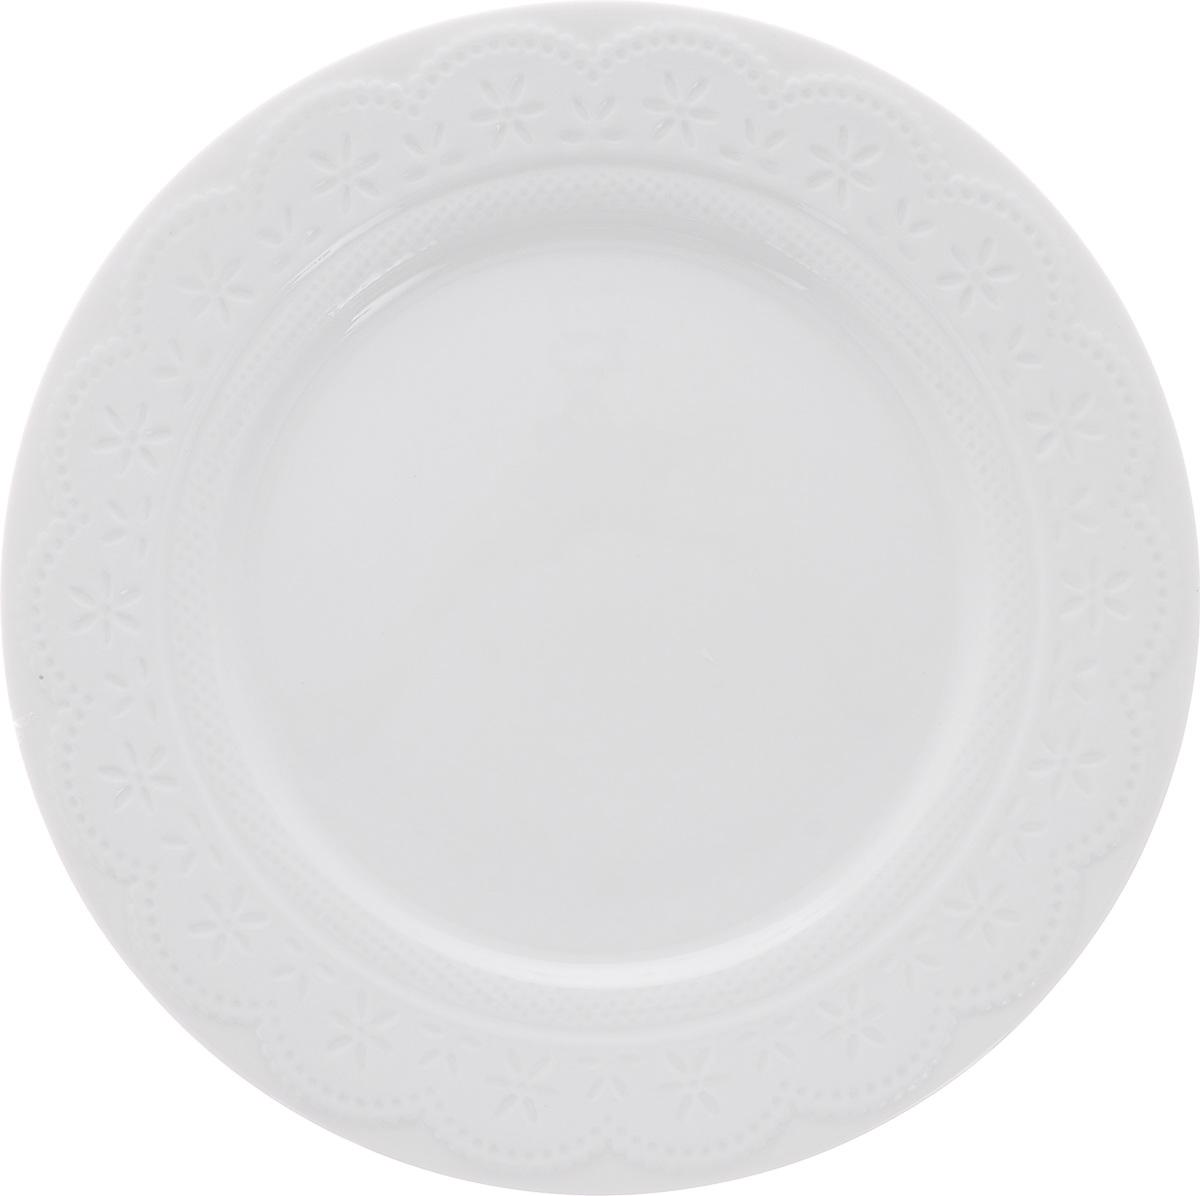 Тарелка десертная Walmer Charlotte, цвет: белый, диаметр 21 смW07330021Десертная тарелка Walmer Charlotte выполнена из высококачественного фарфора. Изящный дизайн придется по вкусу и ценителям классики, и тем, кто предпочитает утонченность. Тарелка Walmer Charlotte, идеально подойдет для сервировки стола и станет отличным подарком к любому празднику.Можно использовать в микроволновой печи и мыть в посудомоечных машинах.